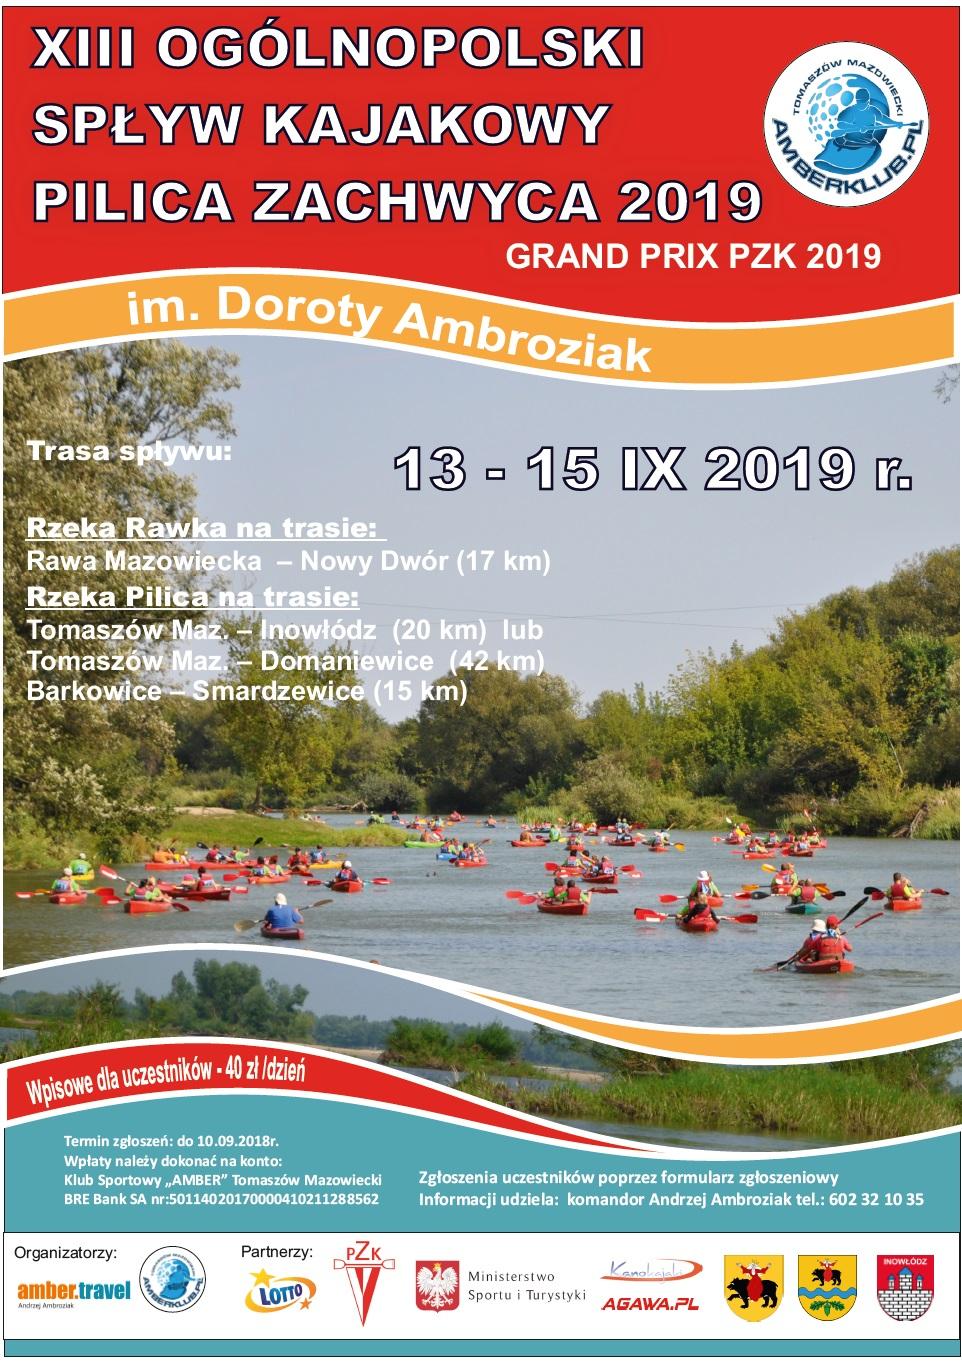 Plakat imprezy Pilica zachwyca wrzesien 2019